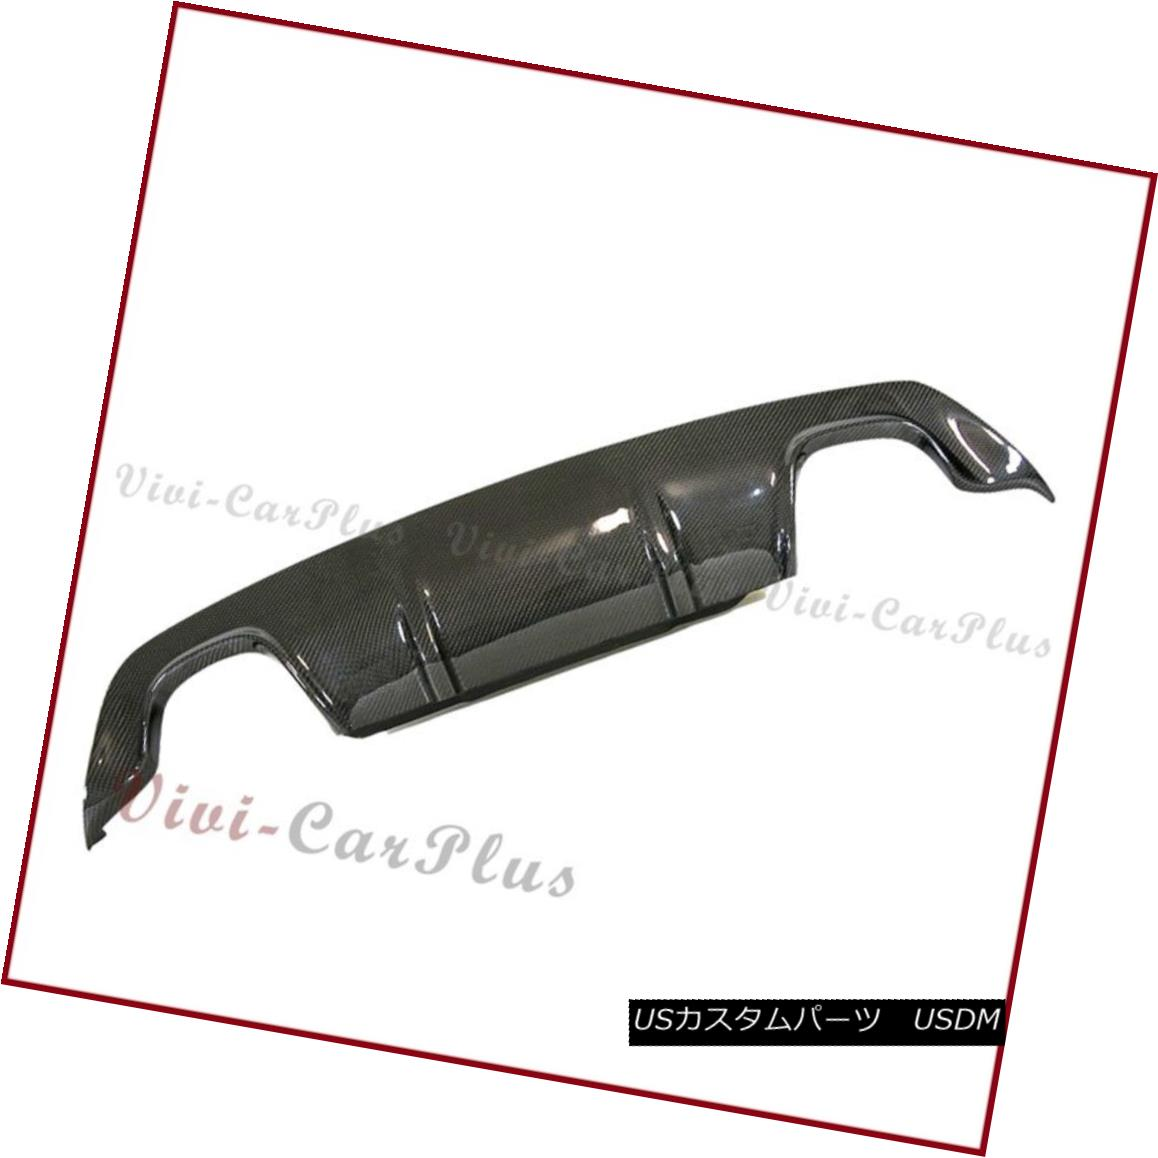 エアロパーツ For 04-10 BMW E60 E61 525i 528i M Sport 3D Carbon Fiber Bumper Diffuser Quad Use 04-10 BMW E60 E61 525i 528i Mスポーツ用3Dカーボンファイバーバンパーディフューザークワッド用